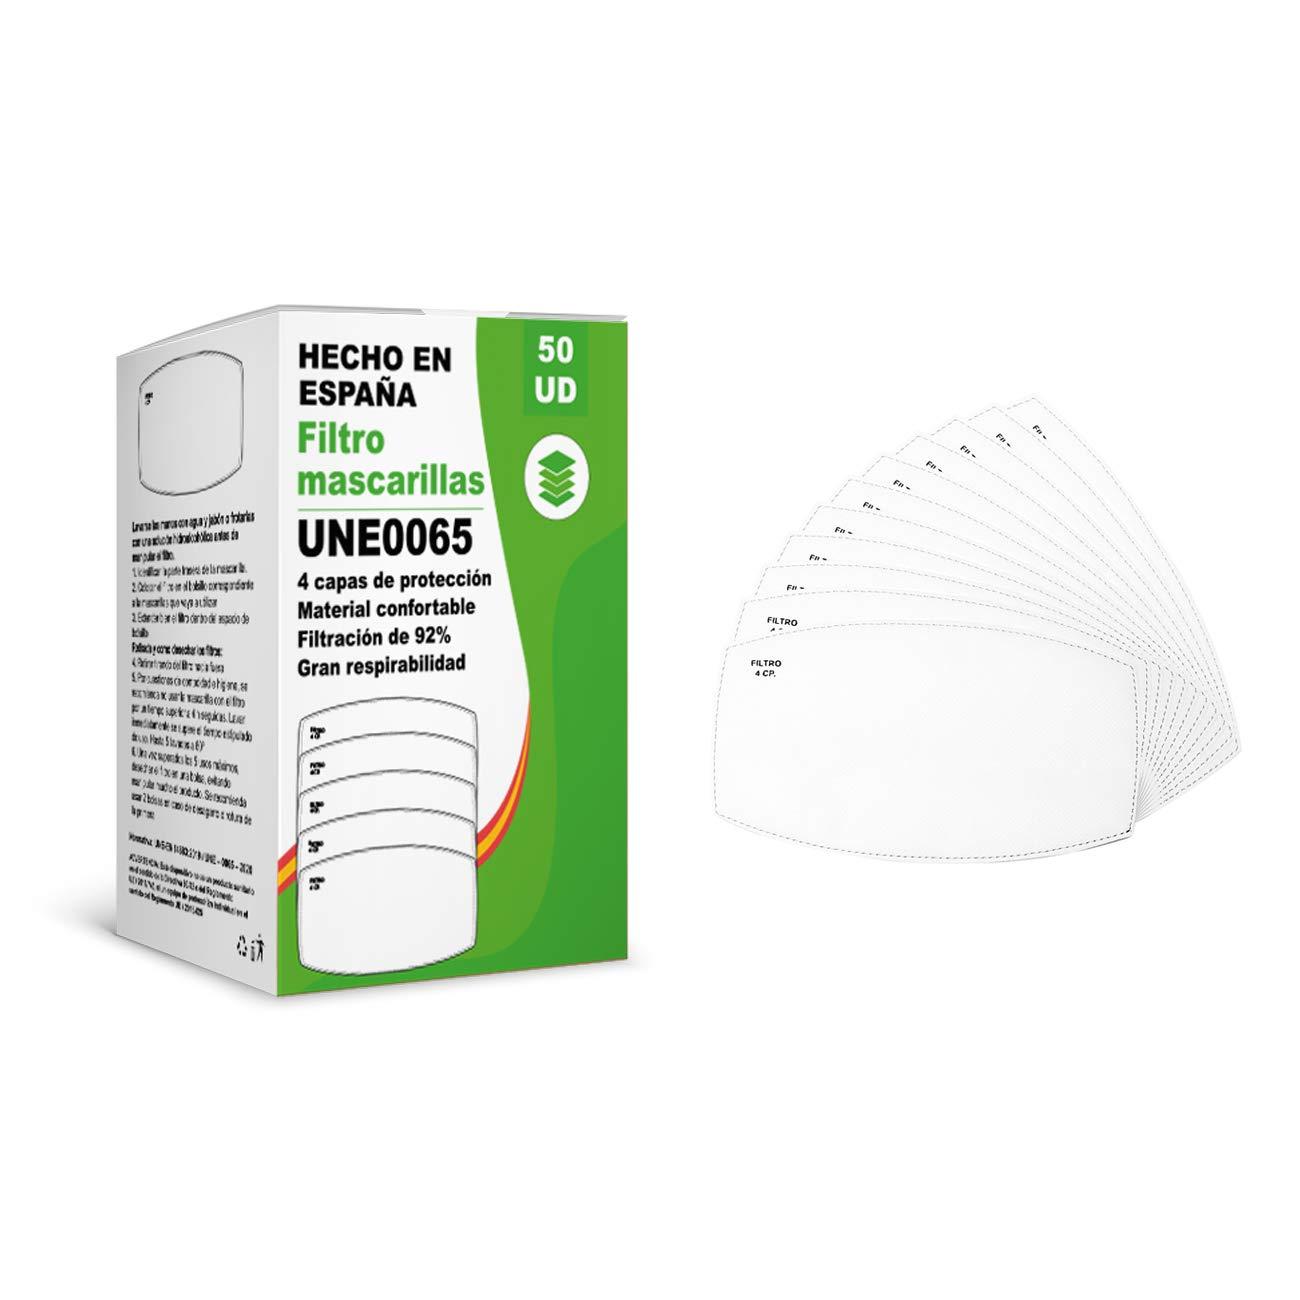 [ENVÍOS EN 24H] KALLPA® 50 filtros para mascarillas UNE0065 - REUTILIZABLES - fabricados en ESPAÑA - hidrófobo, antiestático y antibacteriano, muy transpirable, (TNT) (tnt)